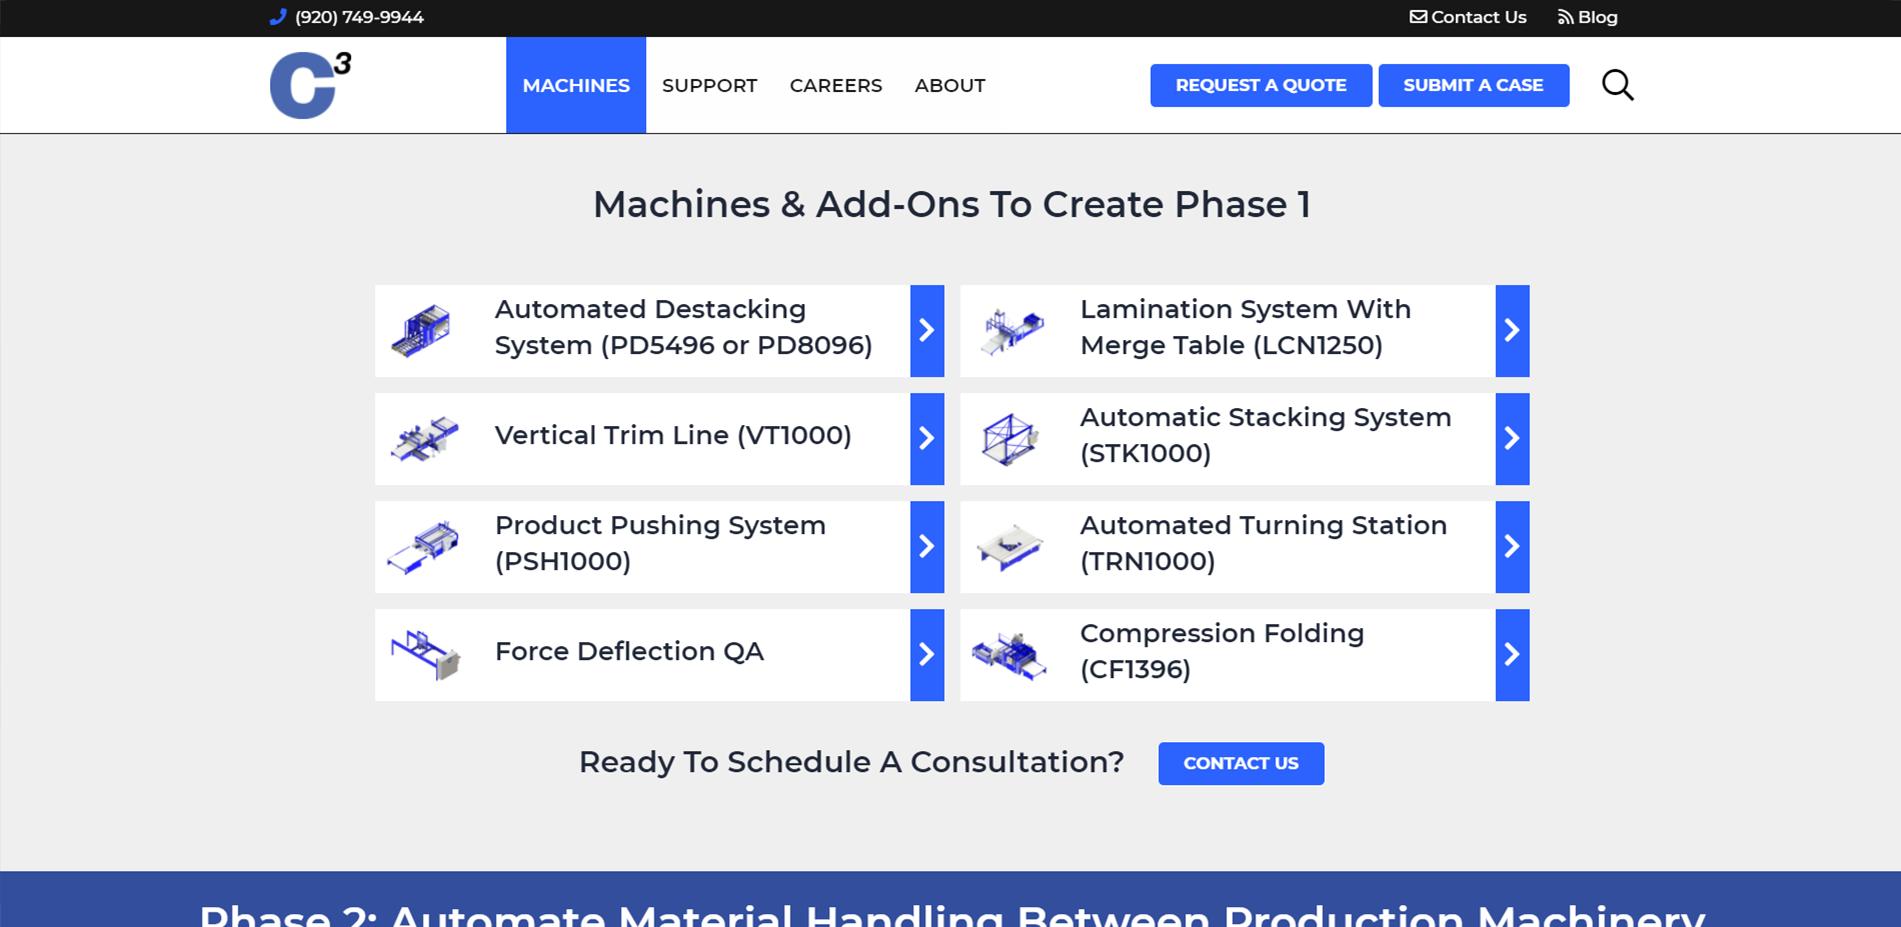 C3 Machines website